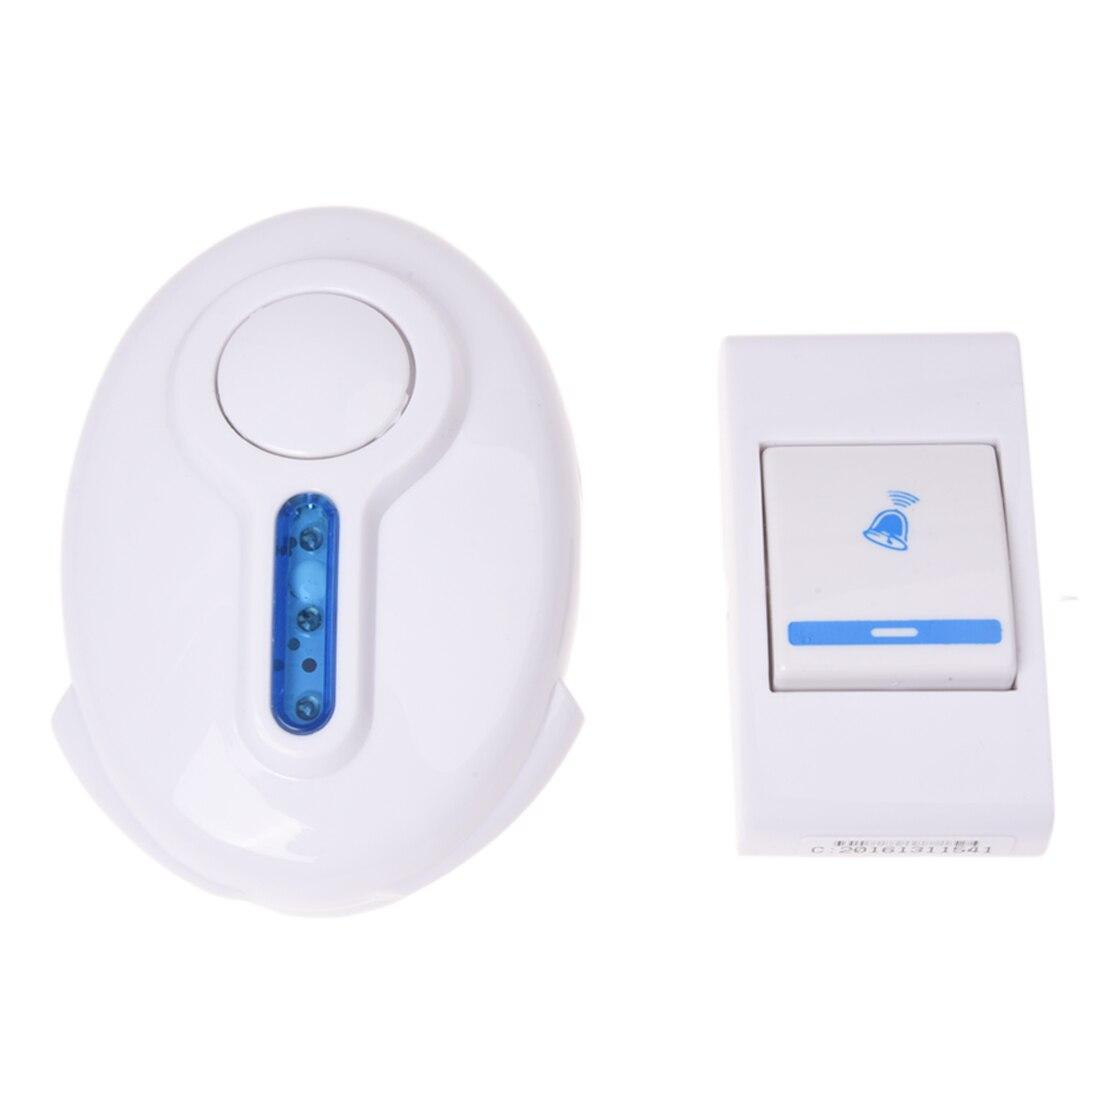 dsha new hot wireless doorbell digital door chime 16 tune melody home - Doorbell Chimes